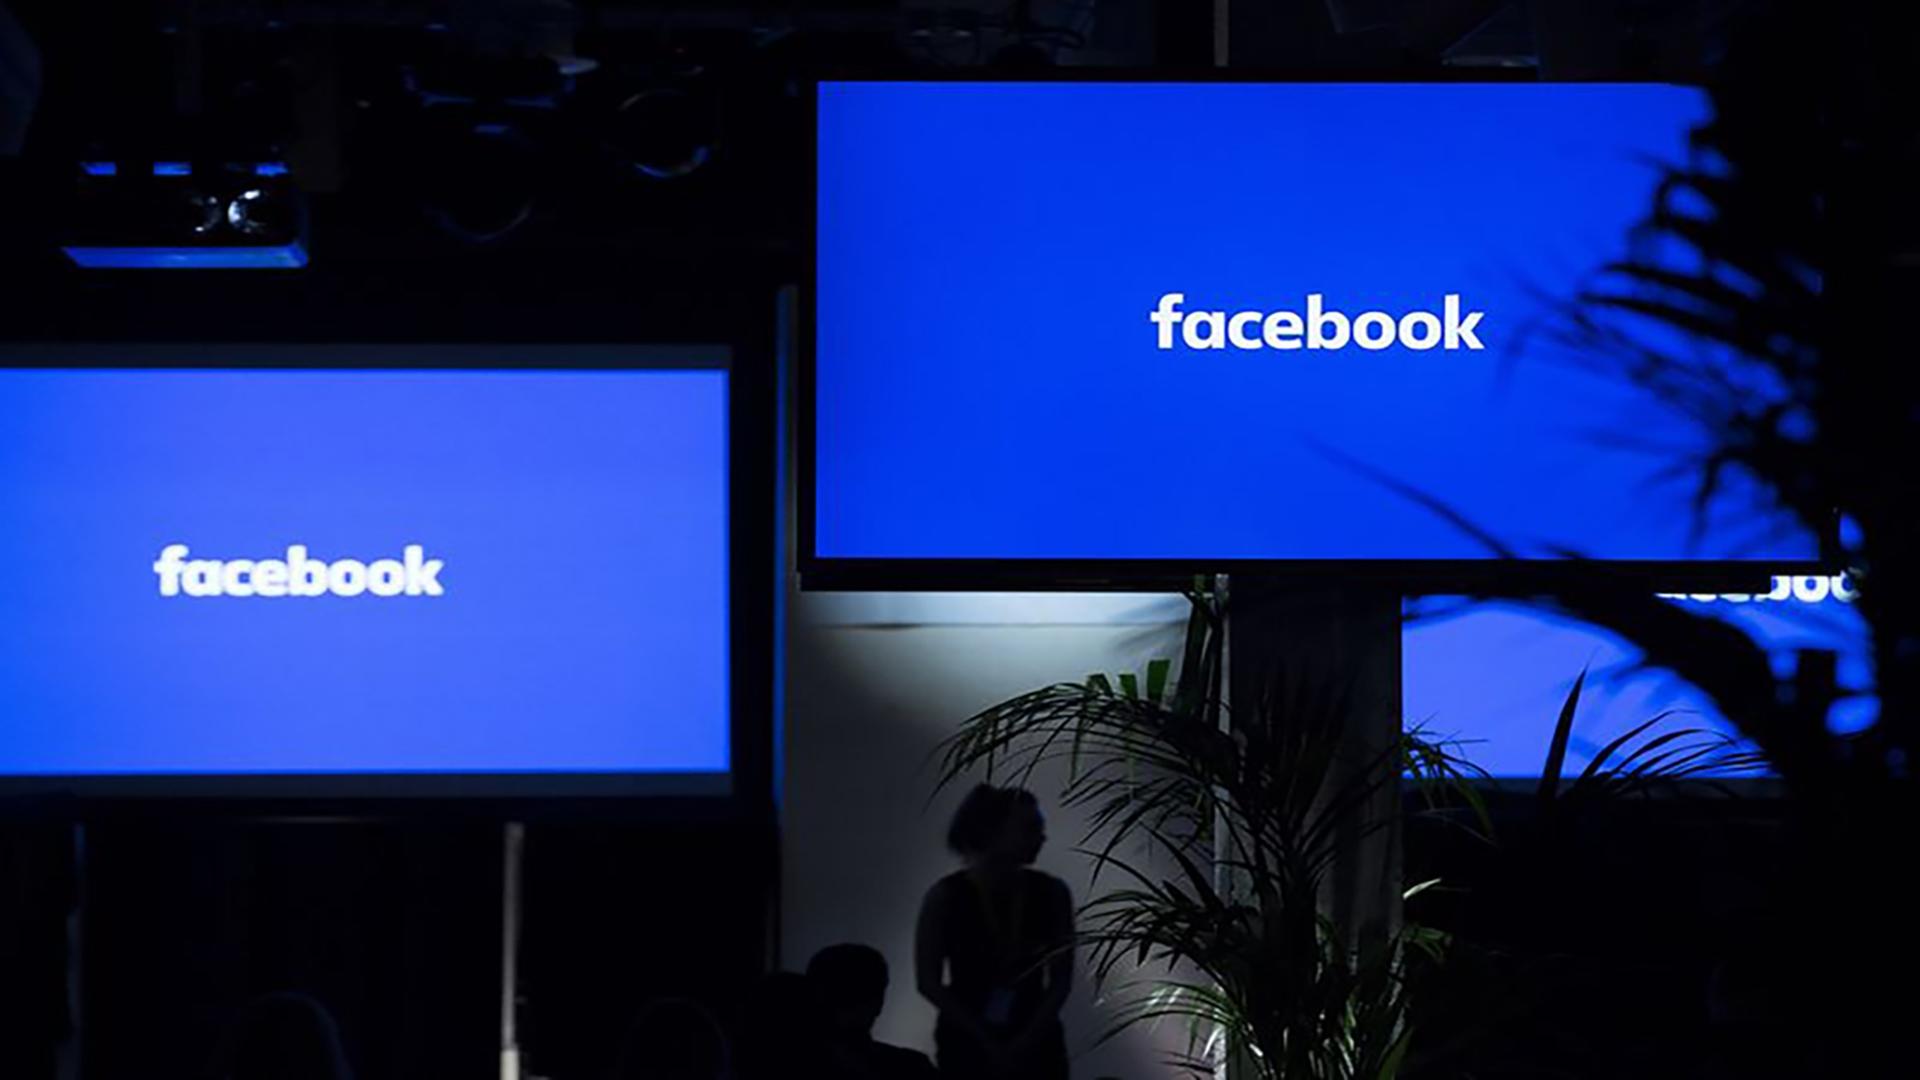 نوعية البرامج المقدمة من تطبيق فيس بوك الجديد للتلفزيون